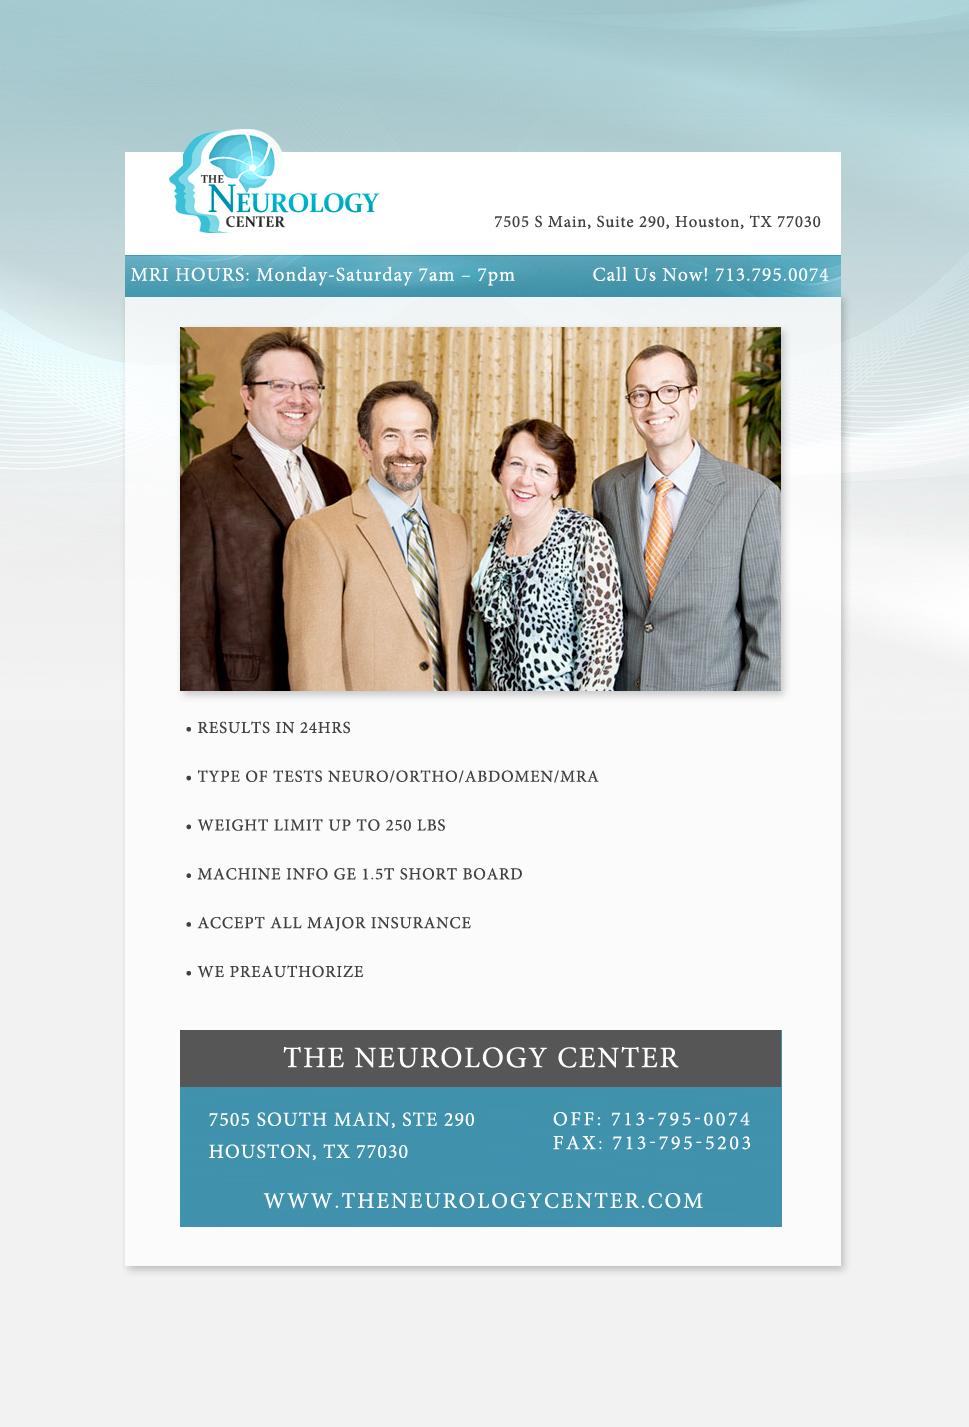 neurology center domo box neurology center